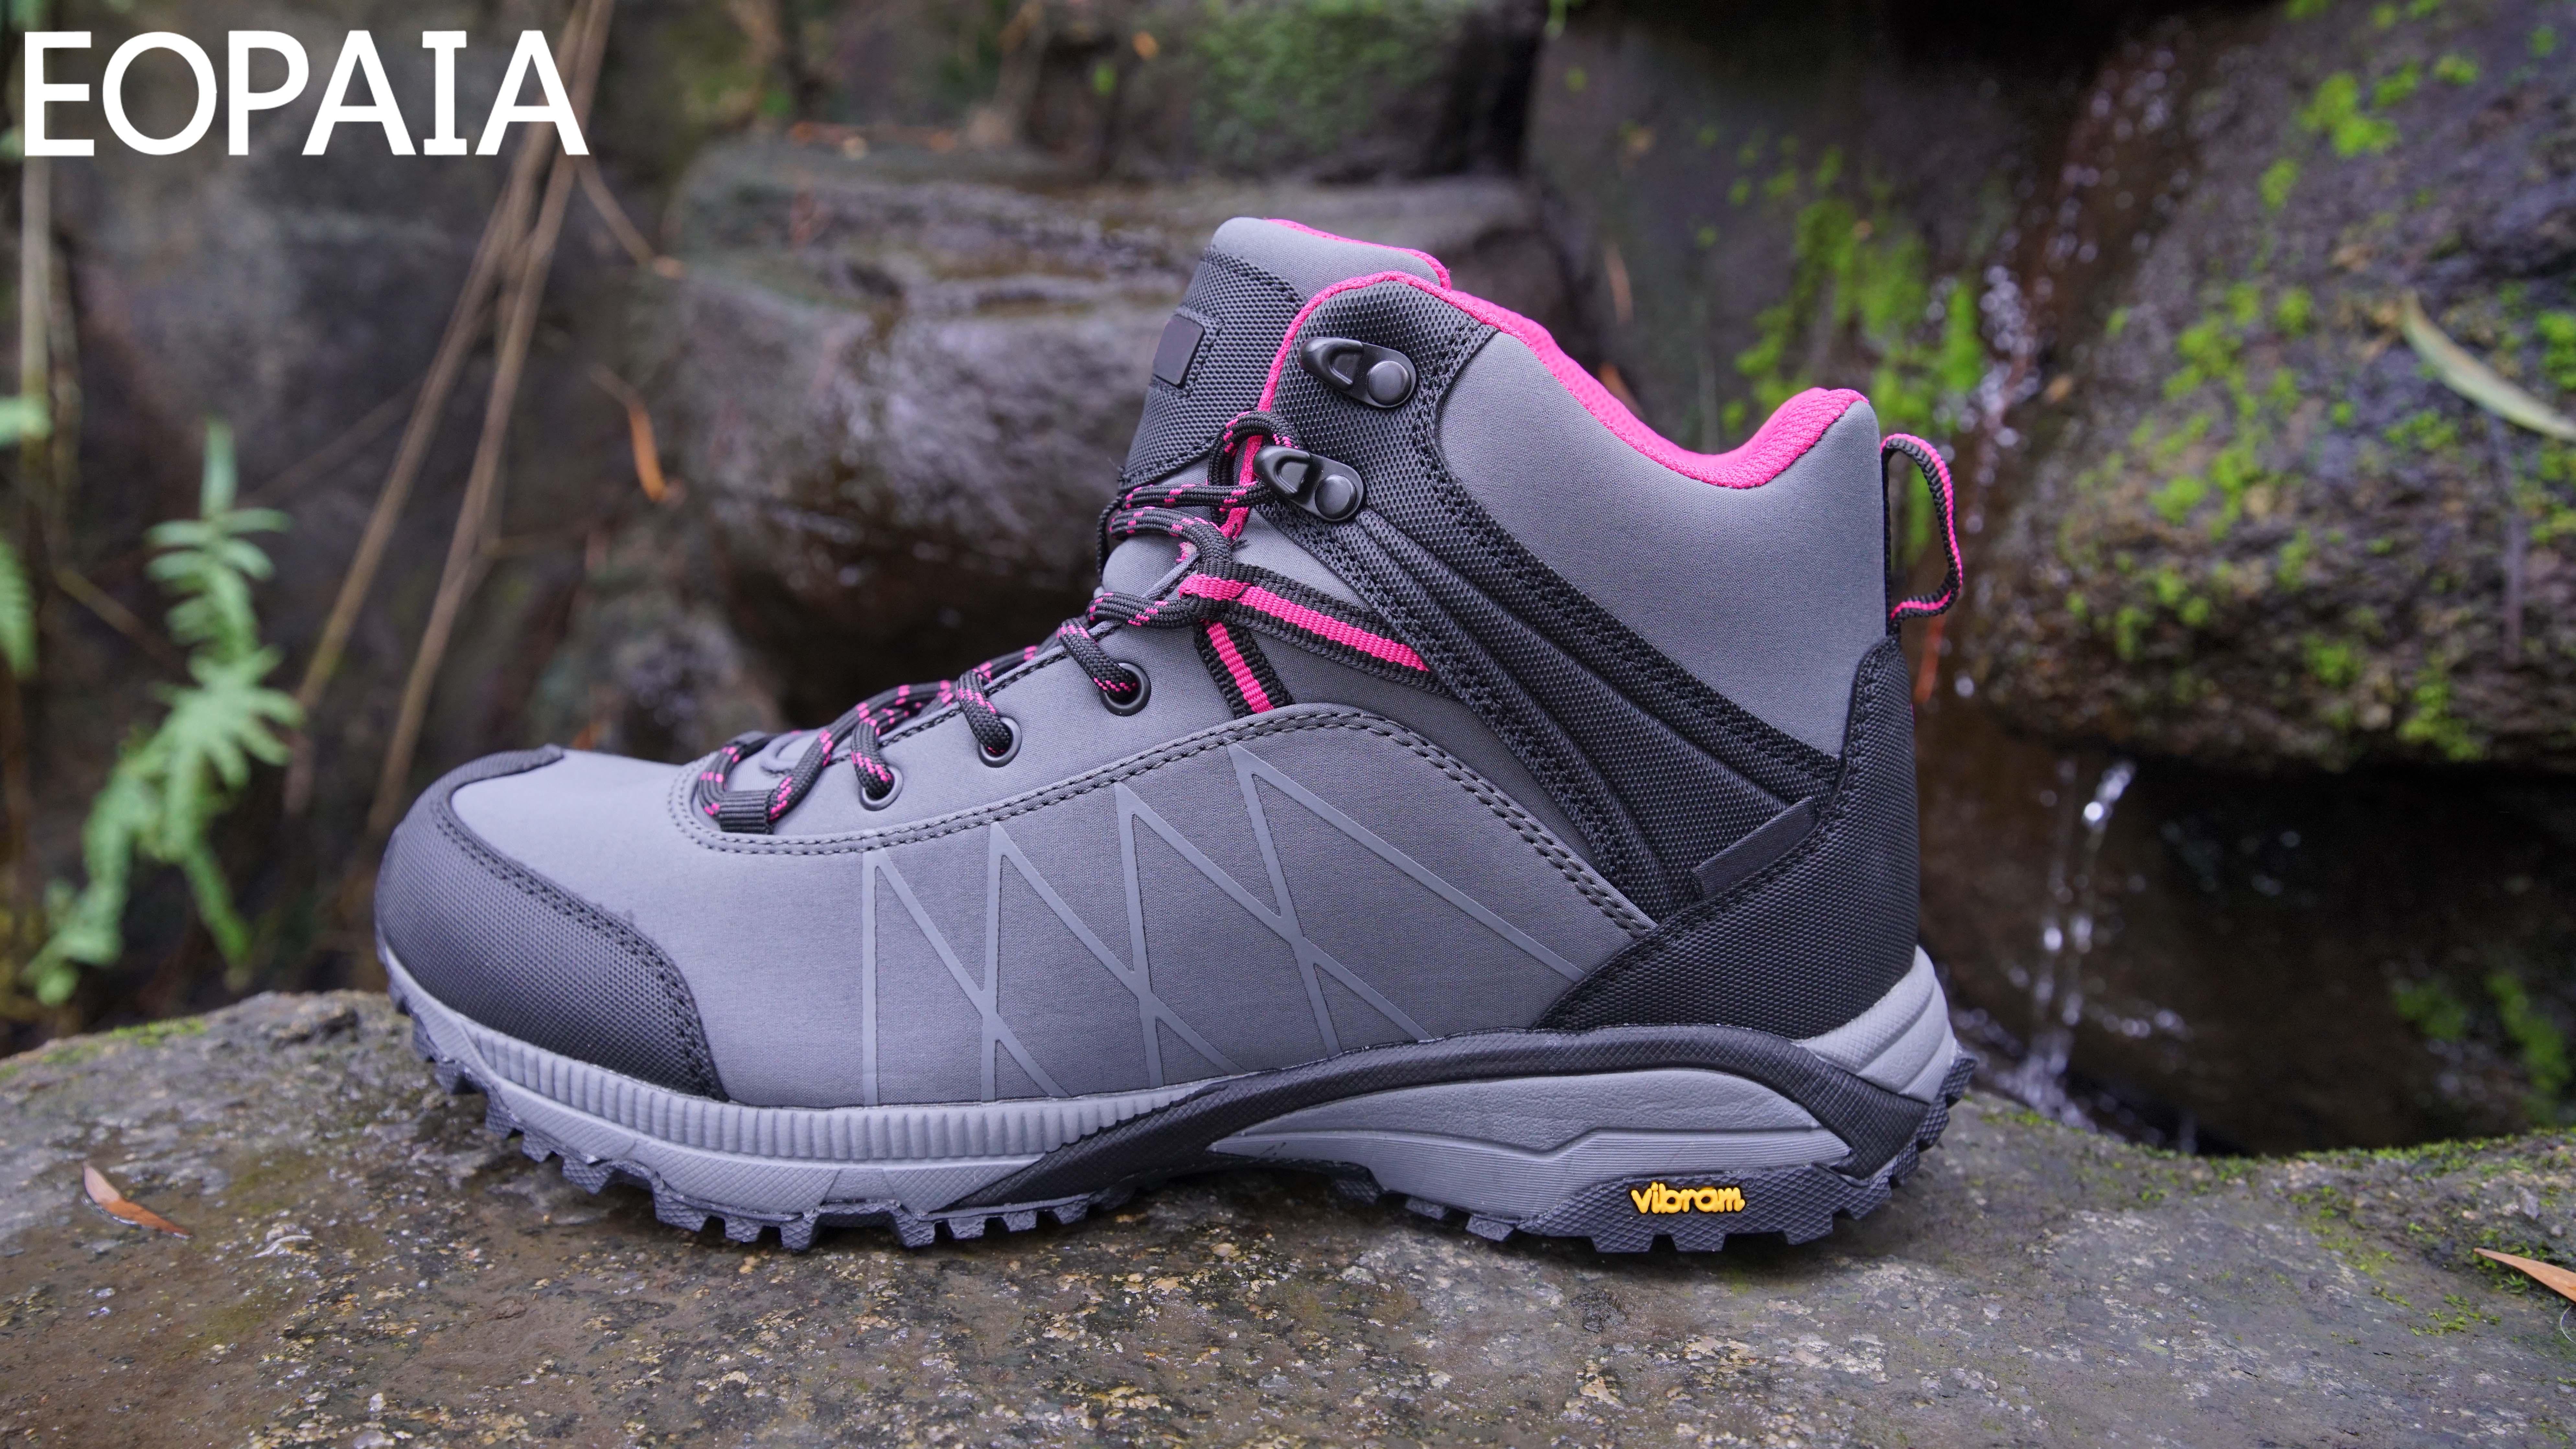 Semelle extérieure en caoutchouc antidérapante chaussures d'alpinisme pour femmes